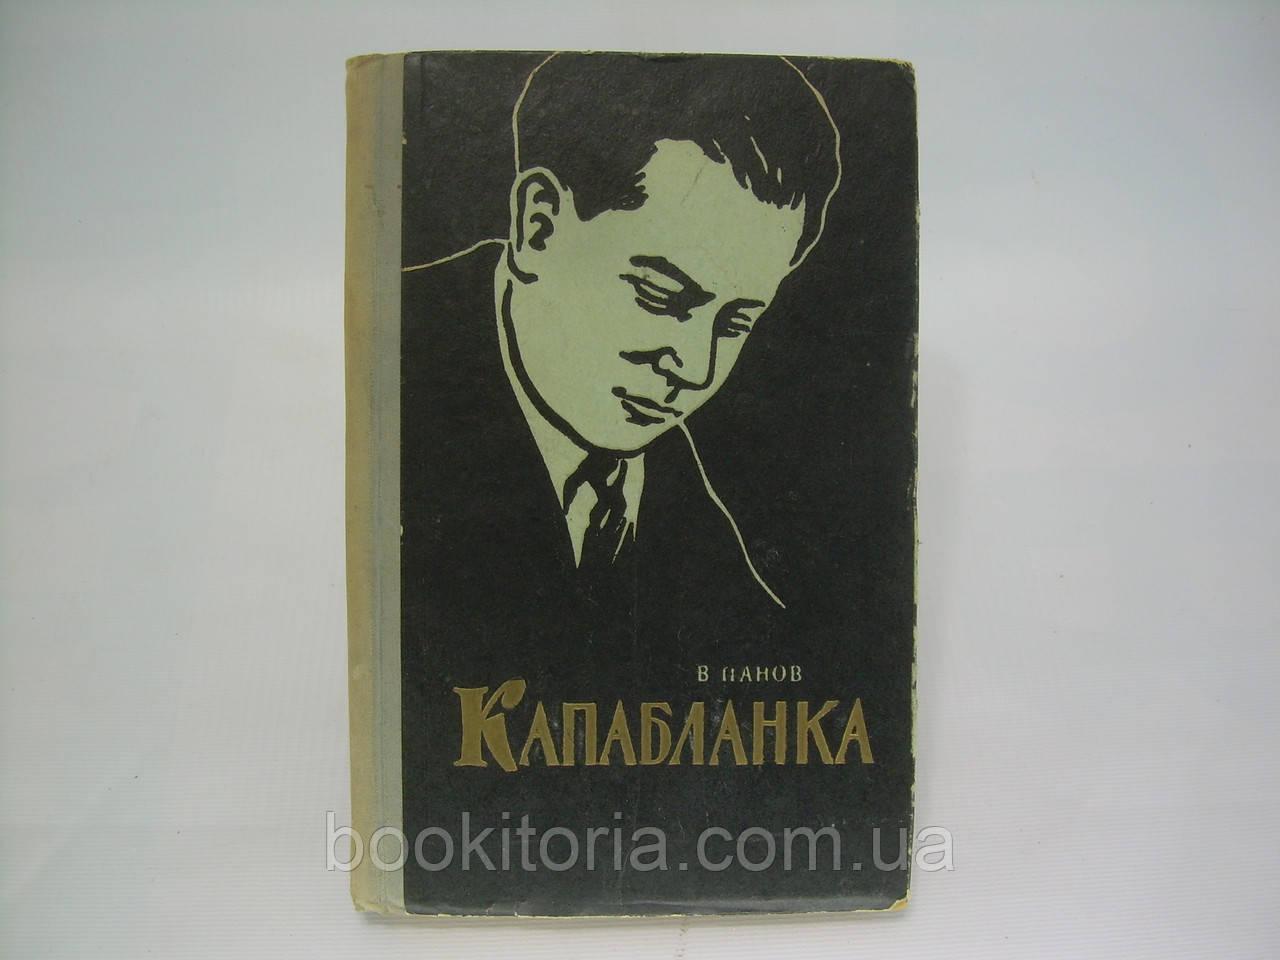 Панов В. Капабланка. Биография и 64 избранные партии (б/у).